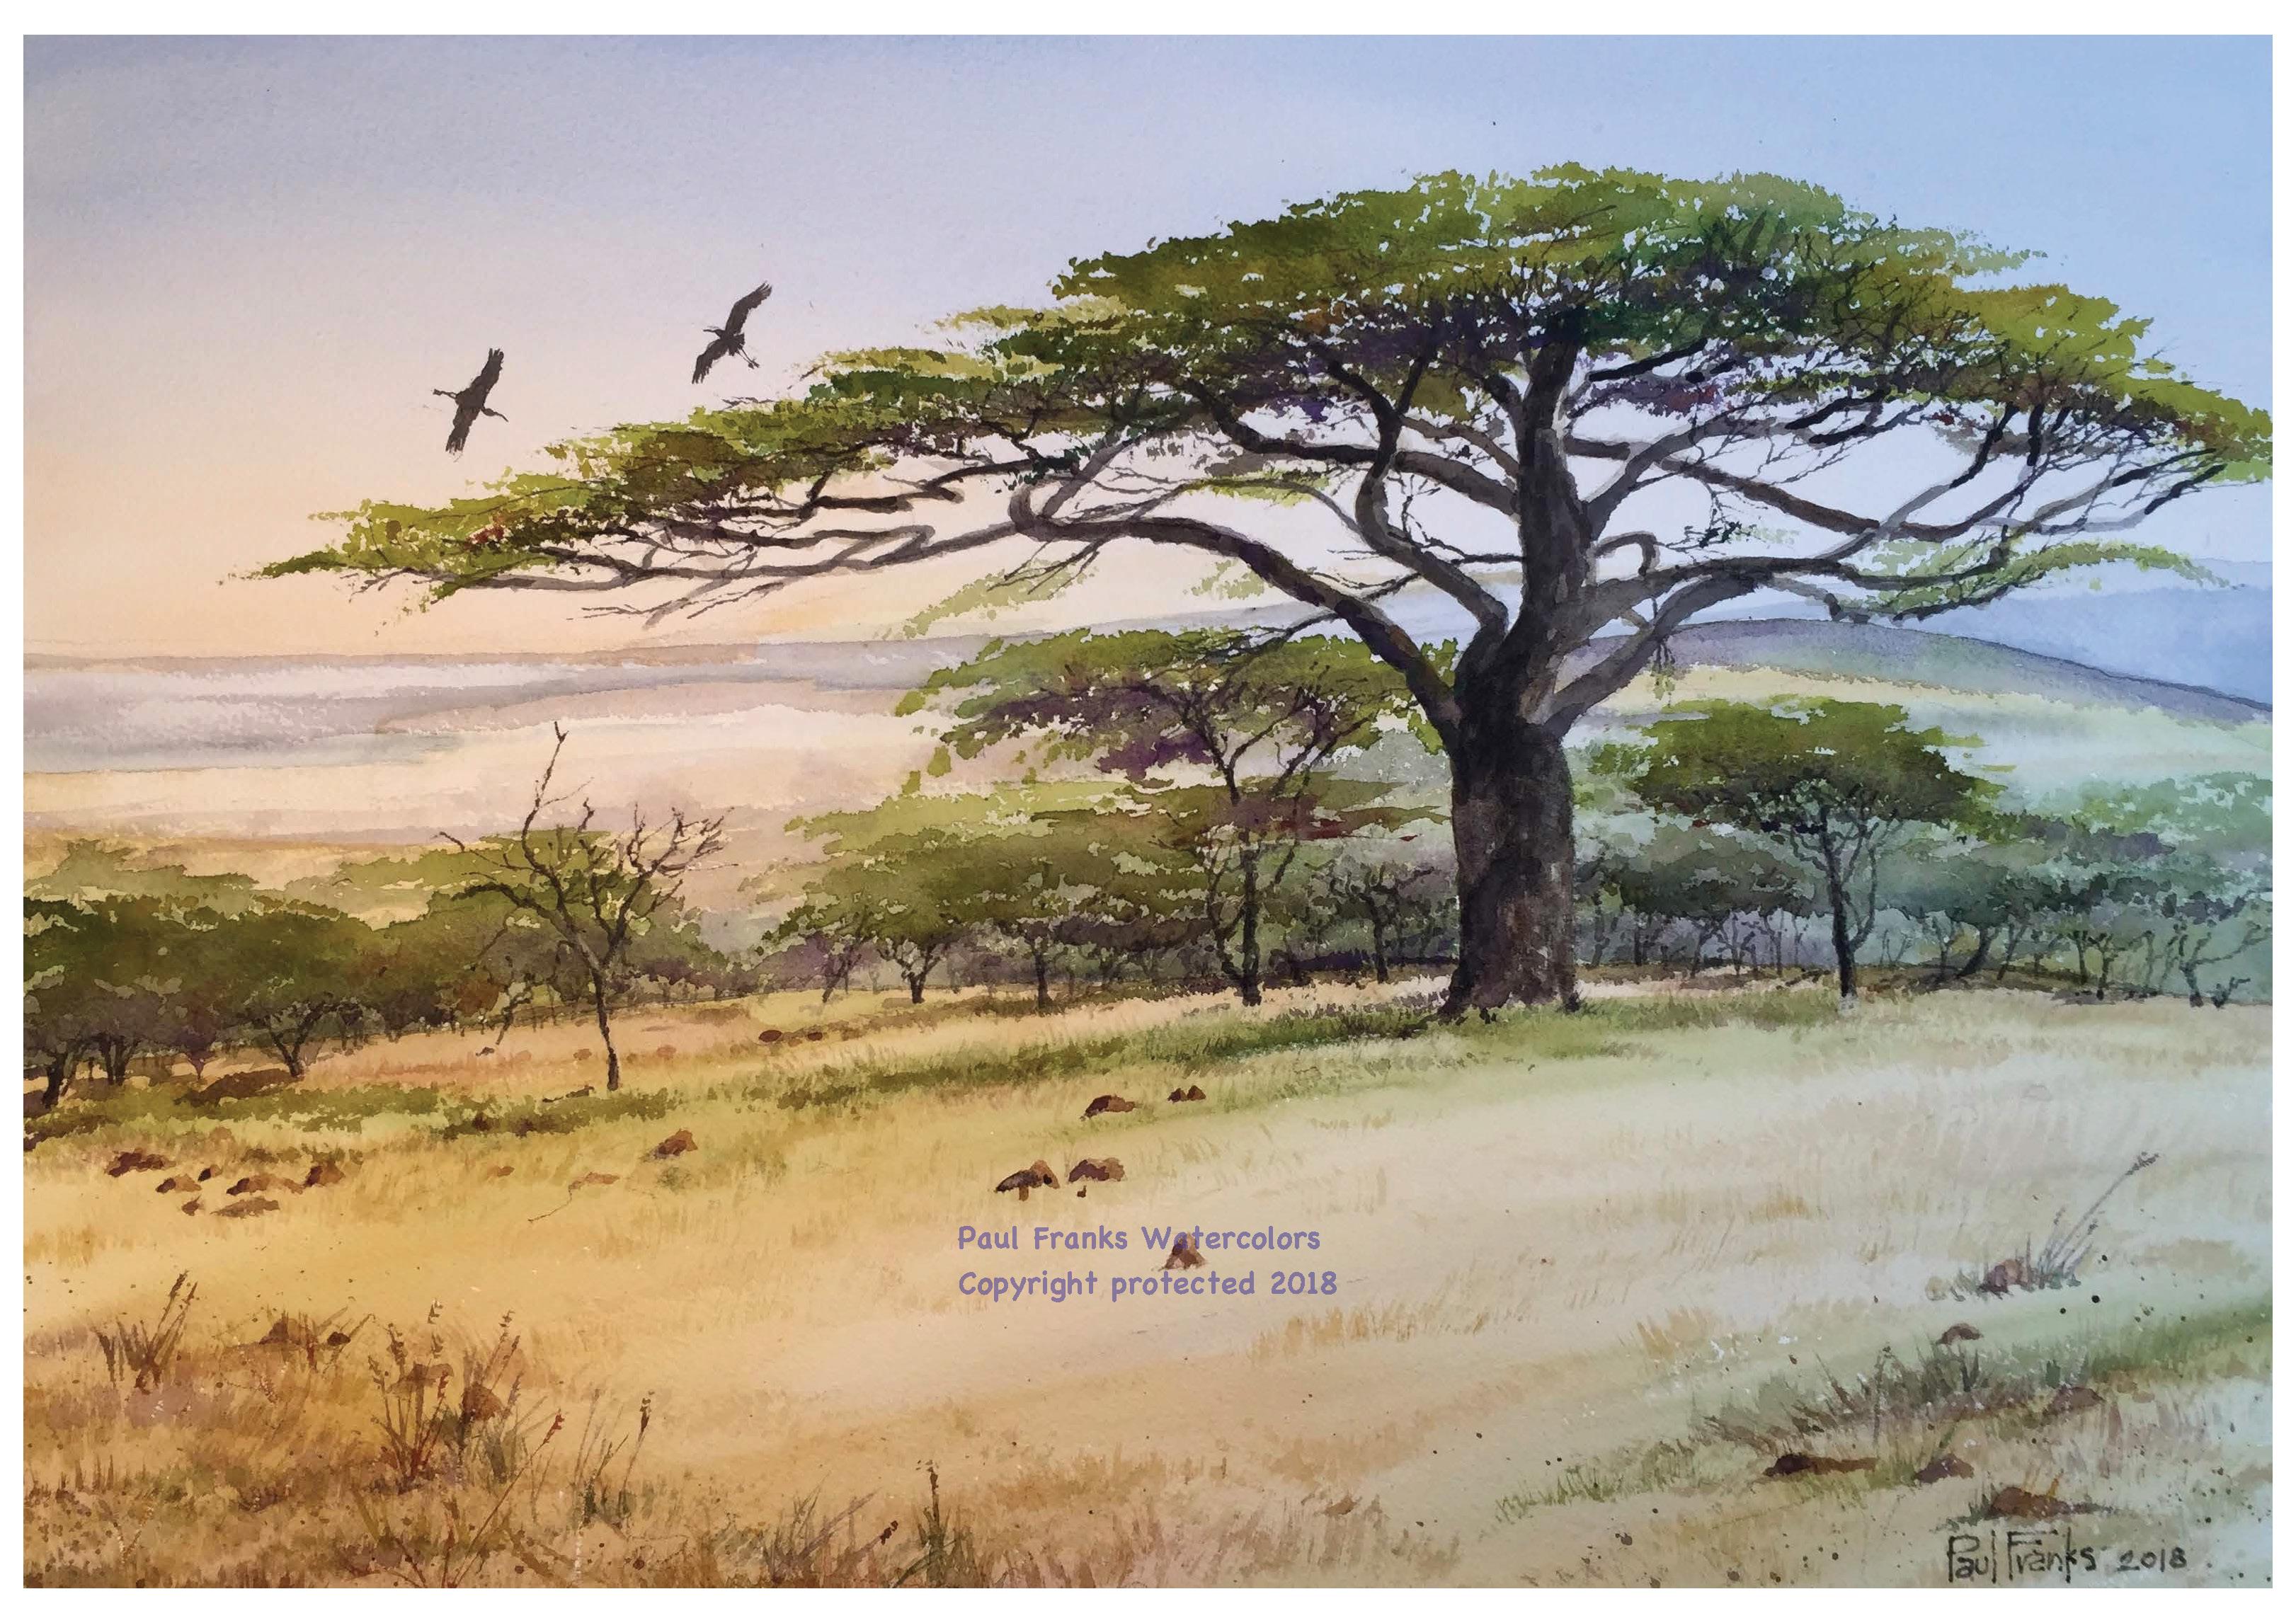 Watercolor Acacia on the Maasai Mara Plain